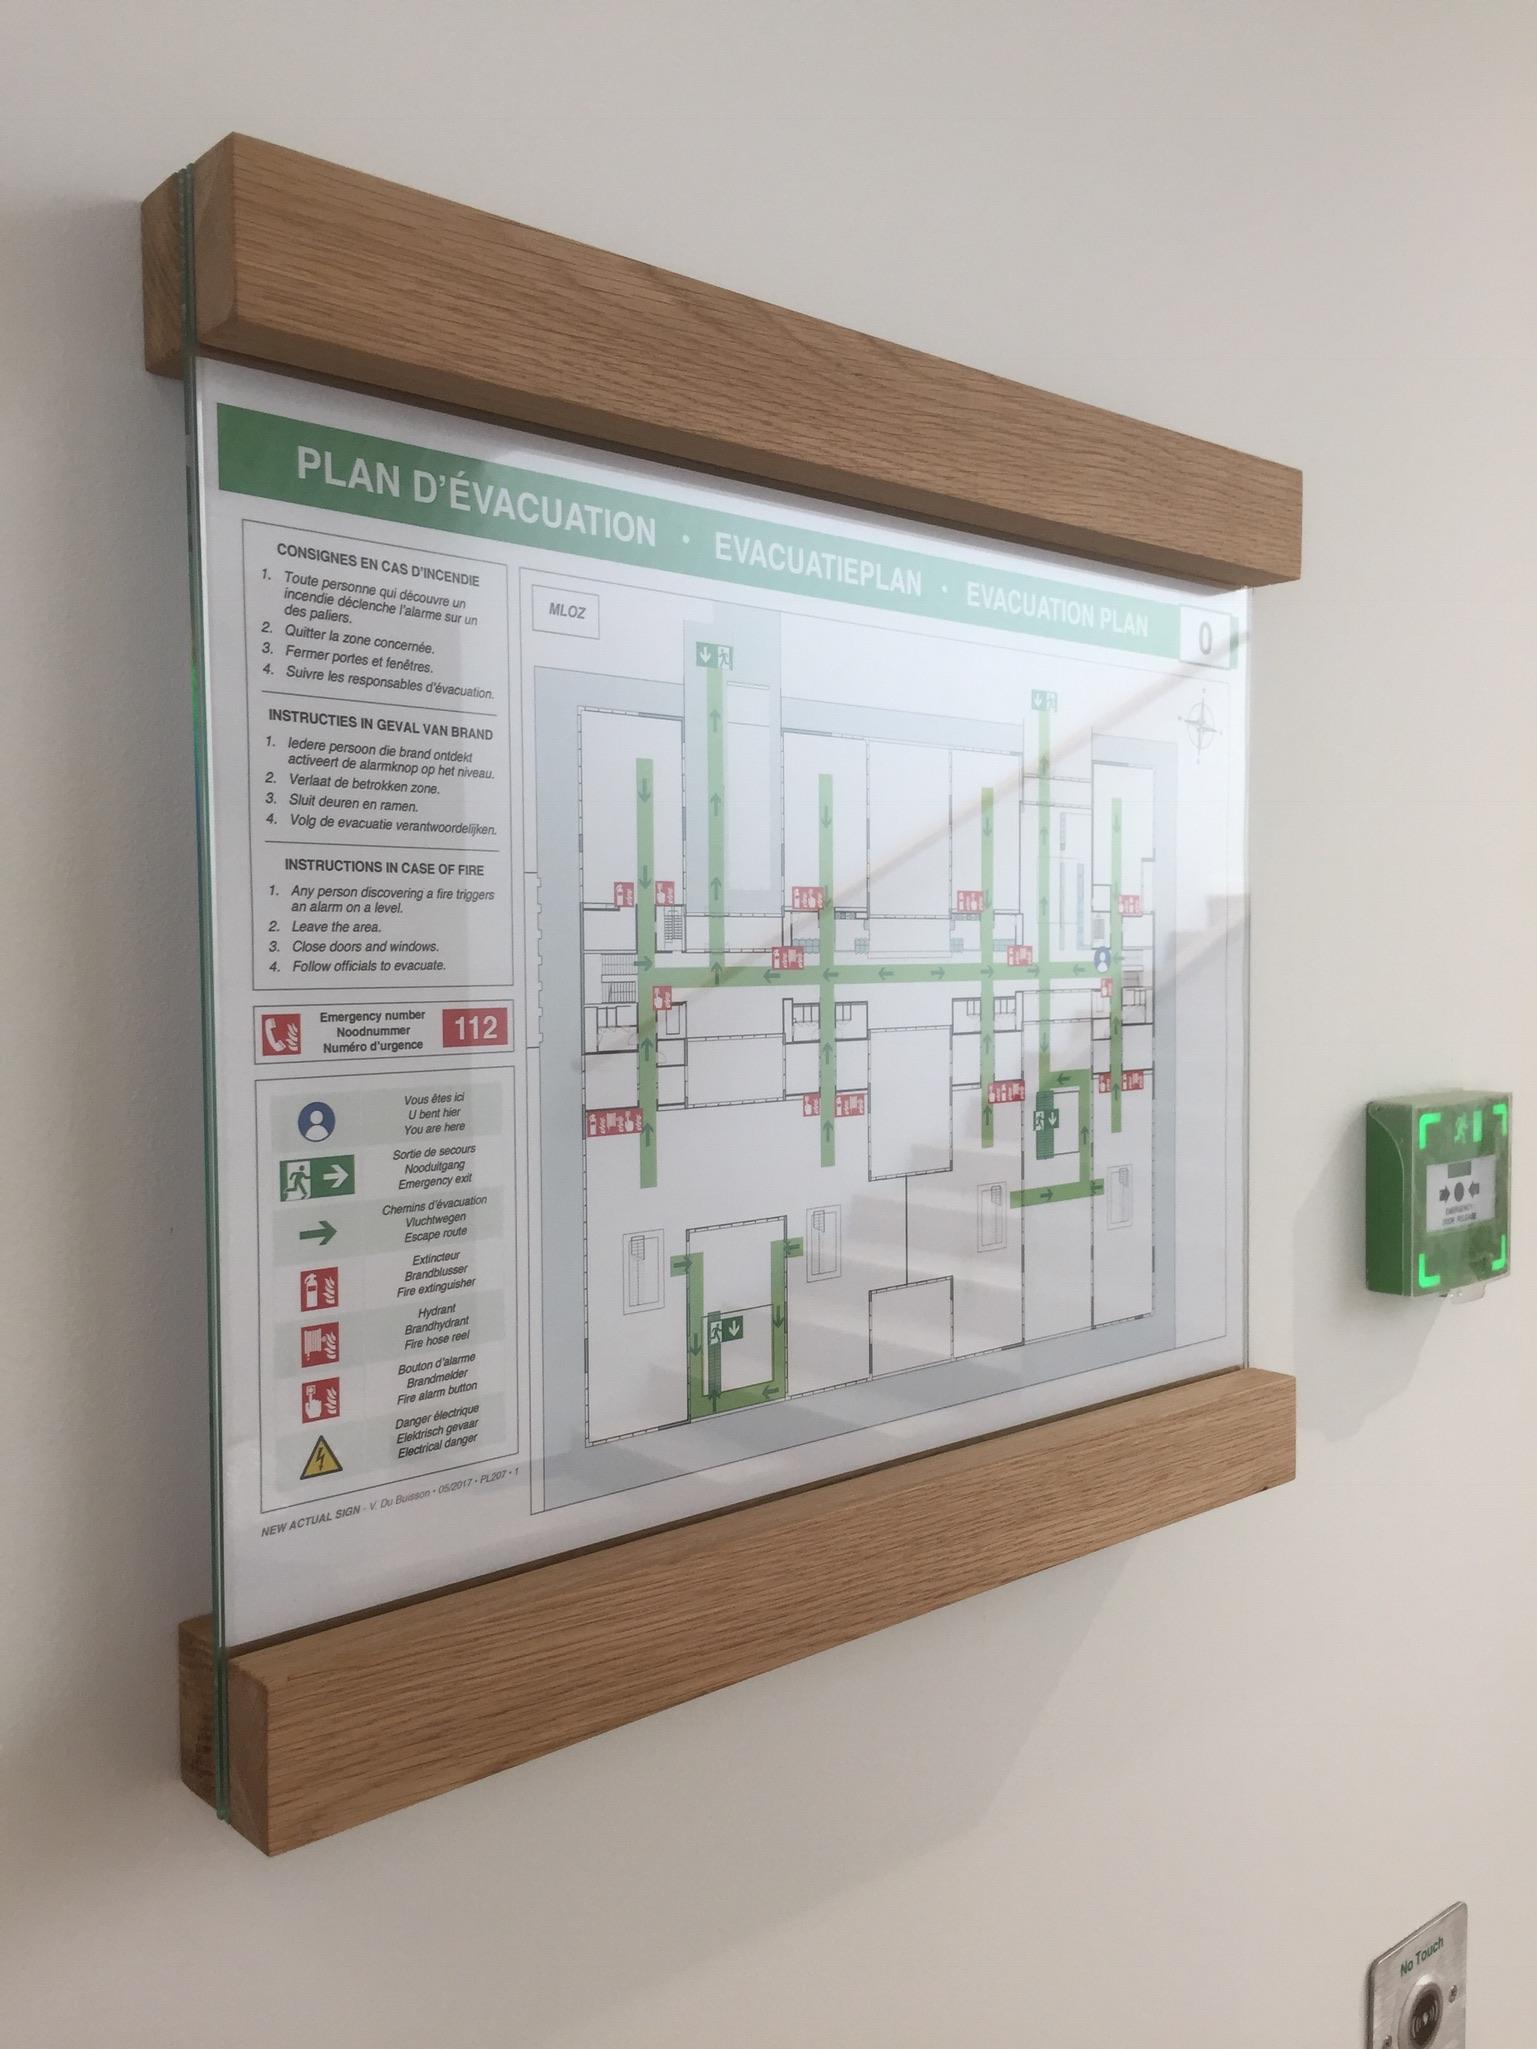 Wayfinding – veiligheidssignalisatie in de vorm van een evacuatieplan, aangepast aan de huisstijl van de onderneming by actual sign member of the remotec group